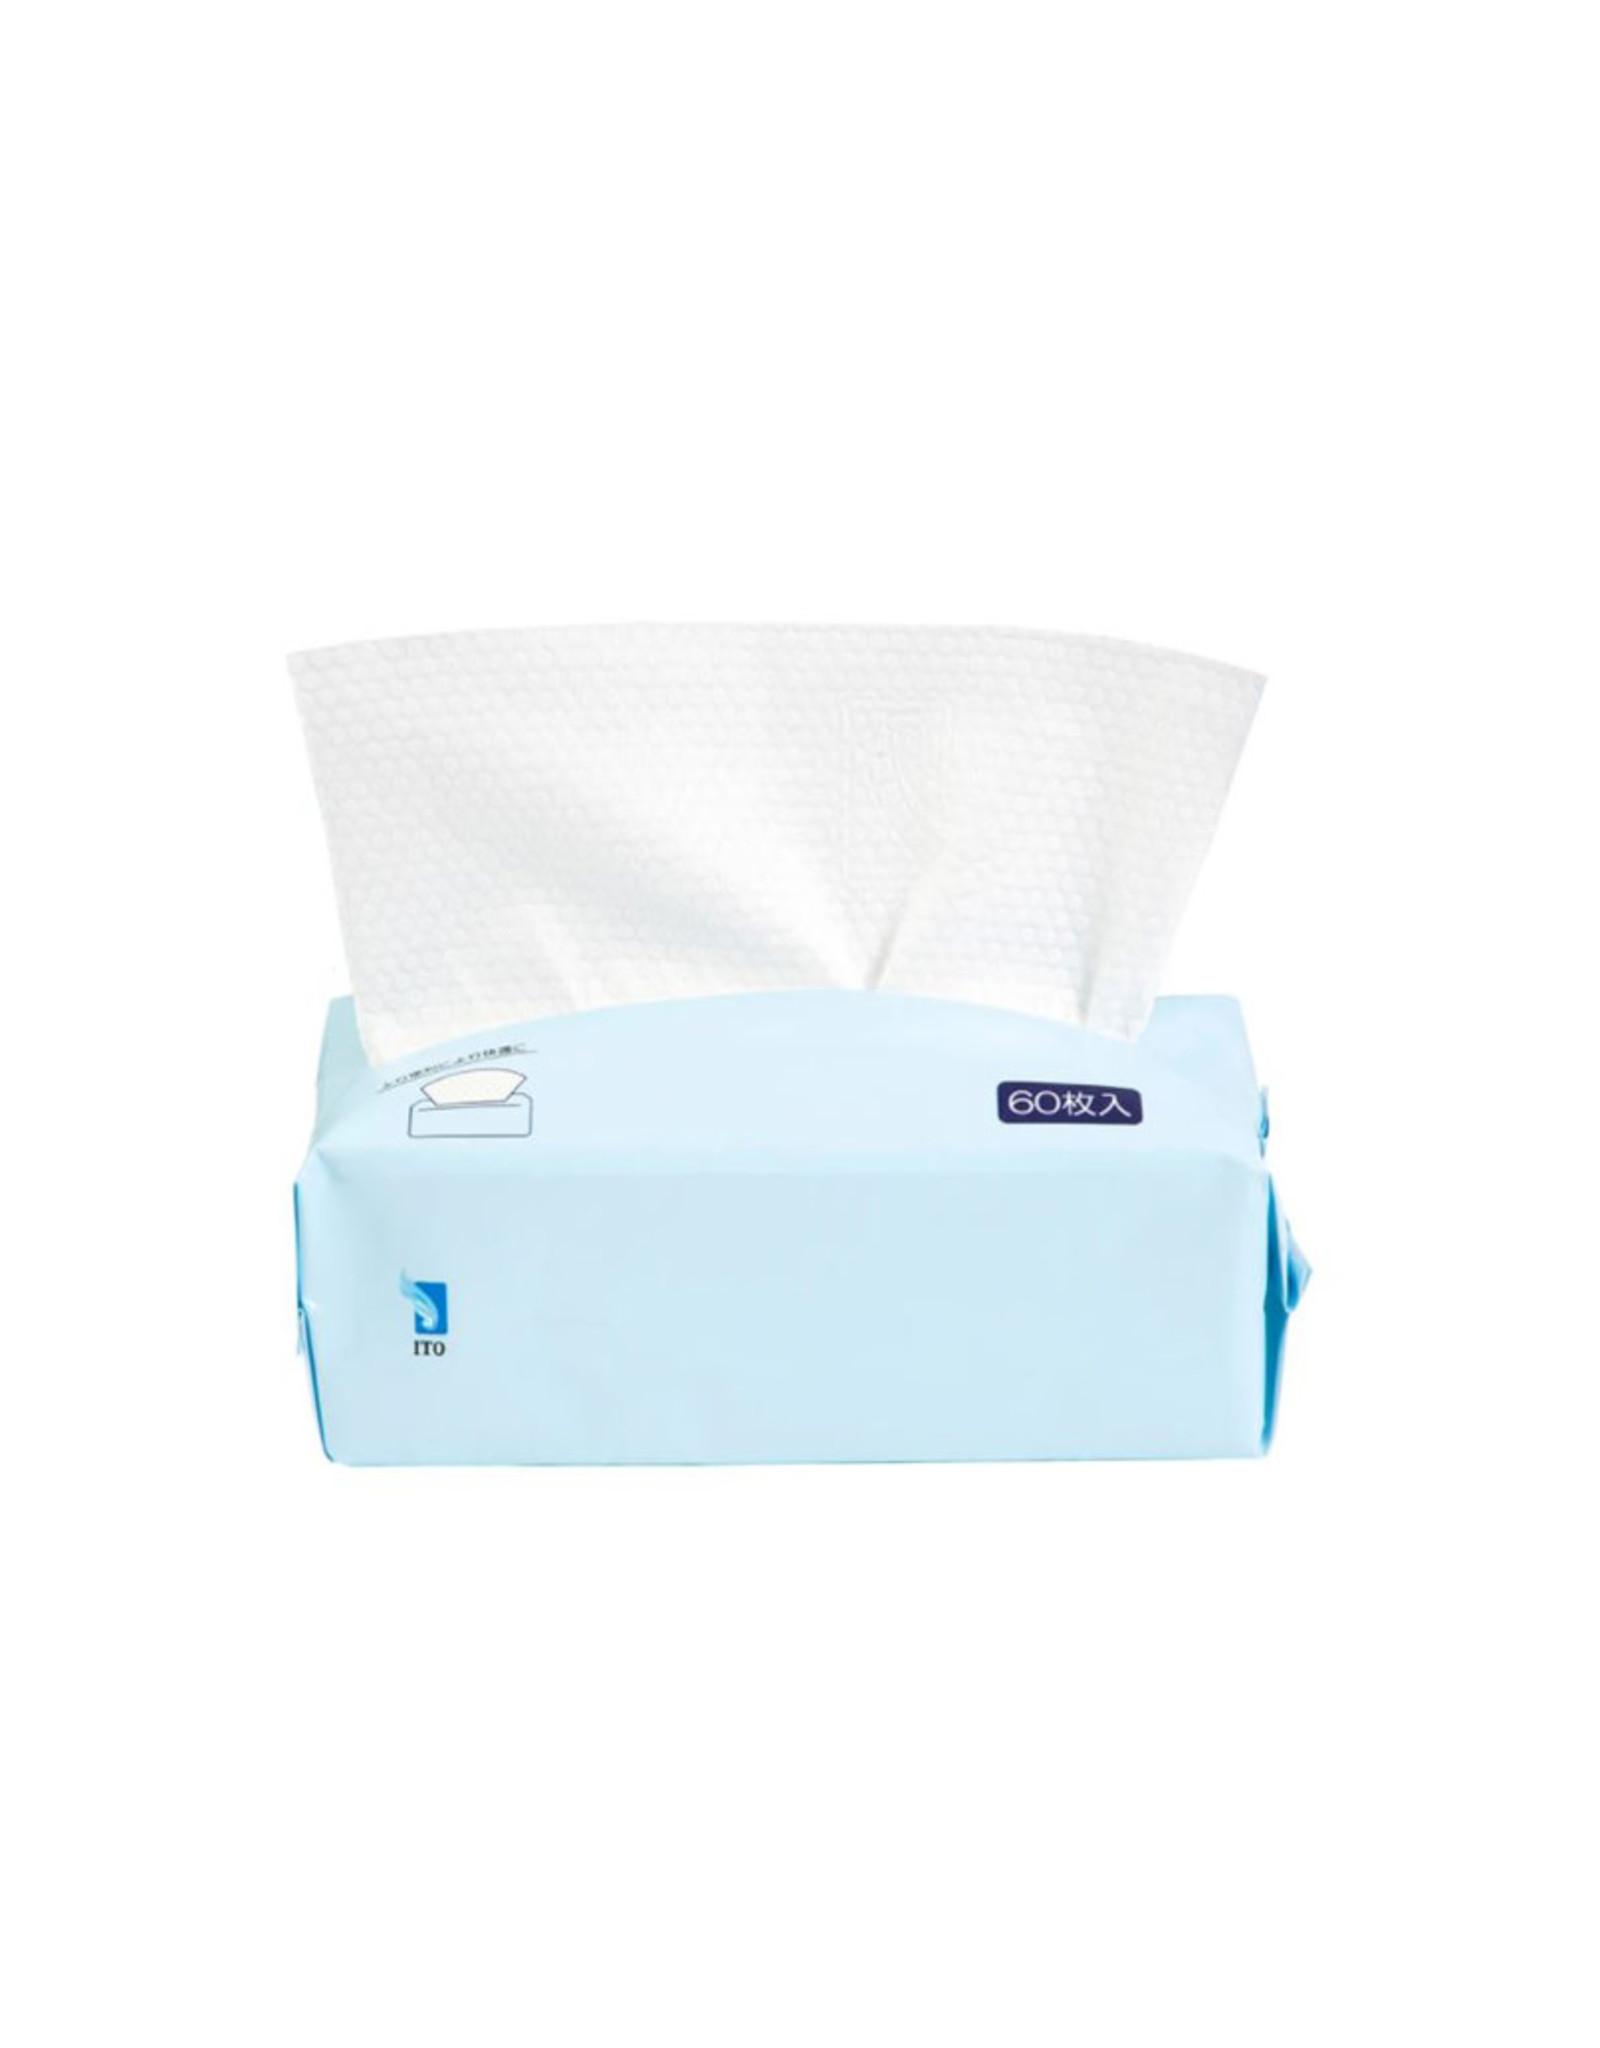 ITO ITO Facial Towel 60pcs